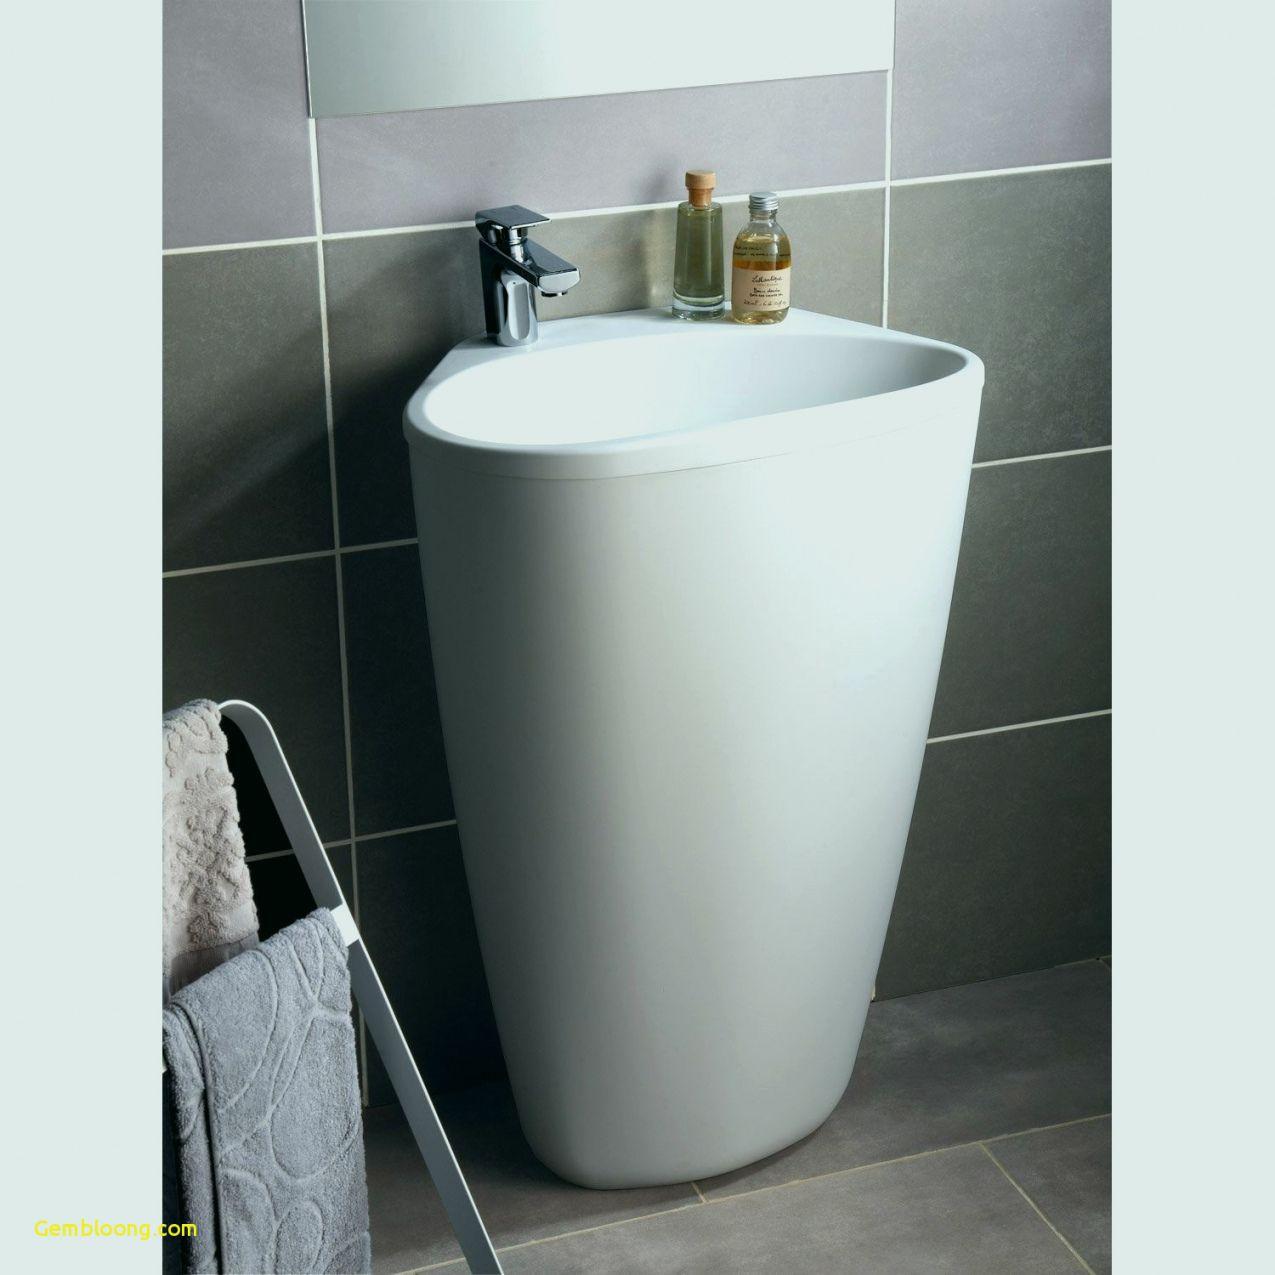 28 Resine Epoxy Sol Douche 2017 Concrete Decor Bathroom Decor Trash Can